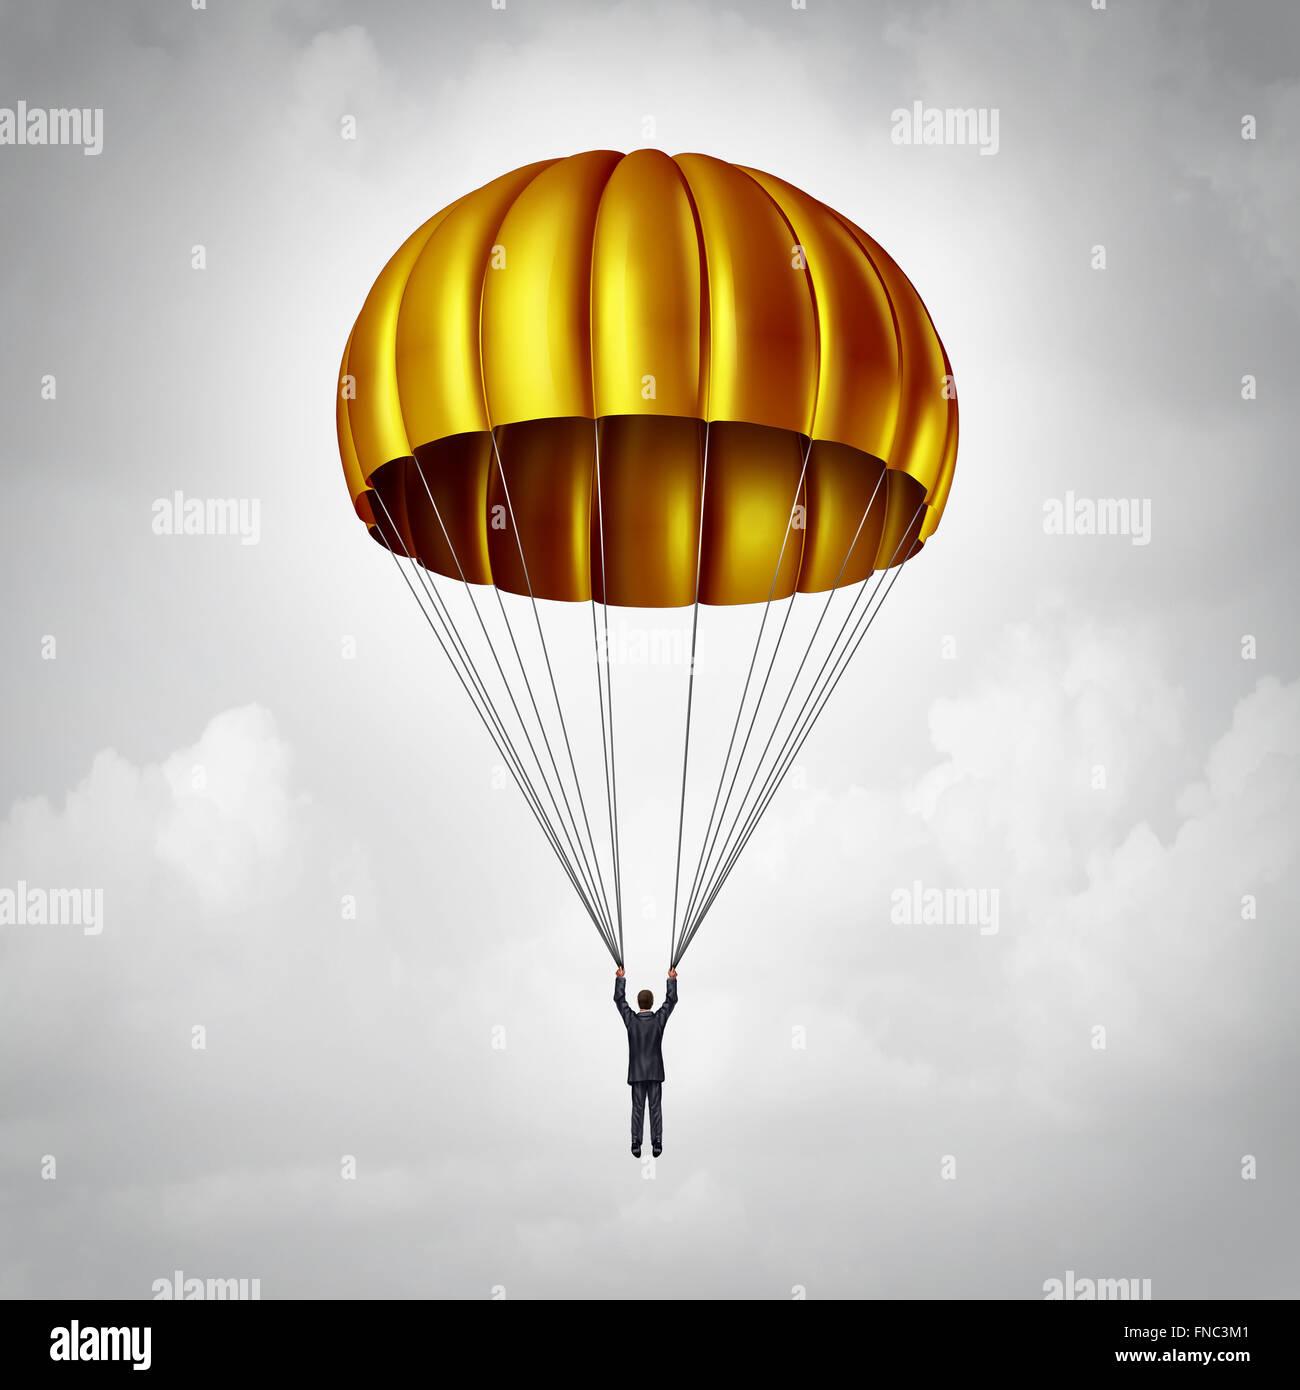 Goldenen Fallschirm-Konzept als Geschäftsmann Fallschirmspringen sicher nach unten mit einem goldenen Podest Stockbild